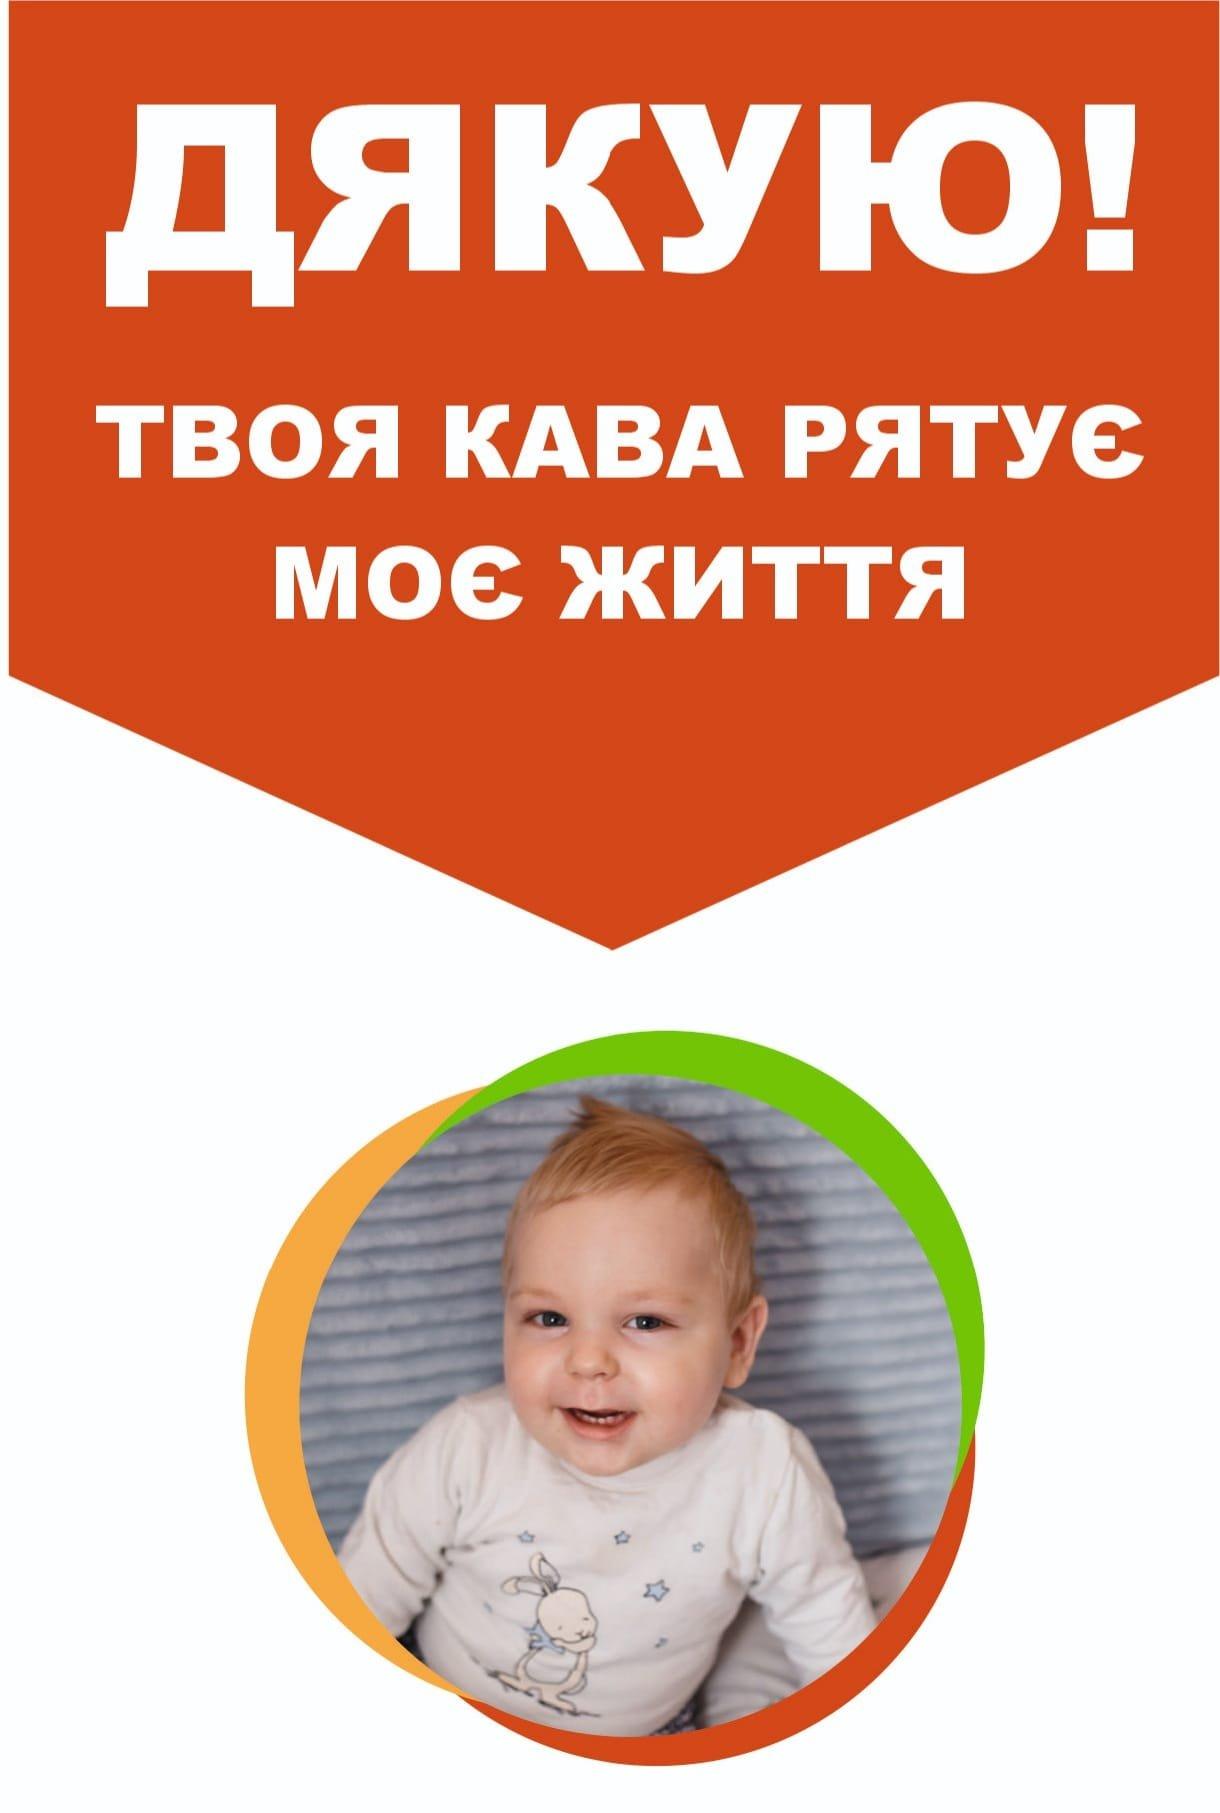 СМАкуй! В Ужгороді запустили ініціативу з доброю кавою для допомоги Павлику Мотичці, фото-1